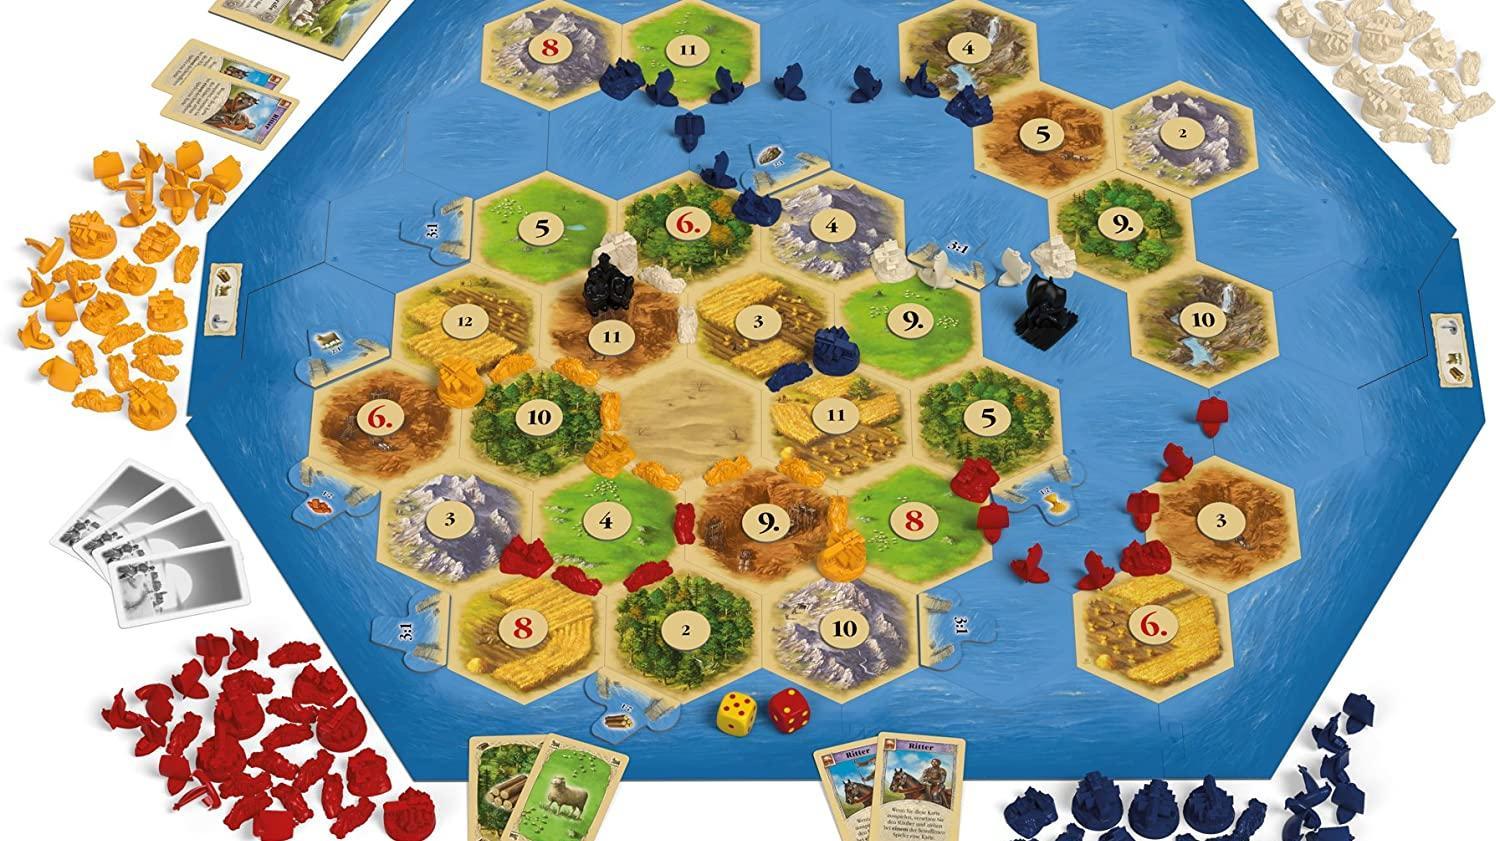 Die Erweiterung Siedler von Catan Seefahrer bietet neue Spielemöglichkeiten für bis zu 6 Mitspieler.